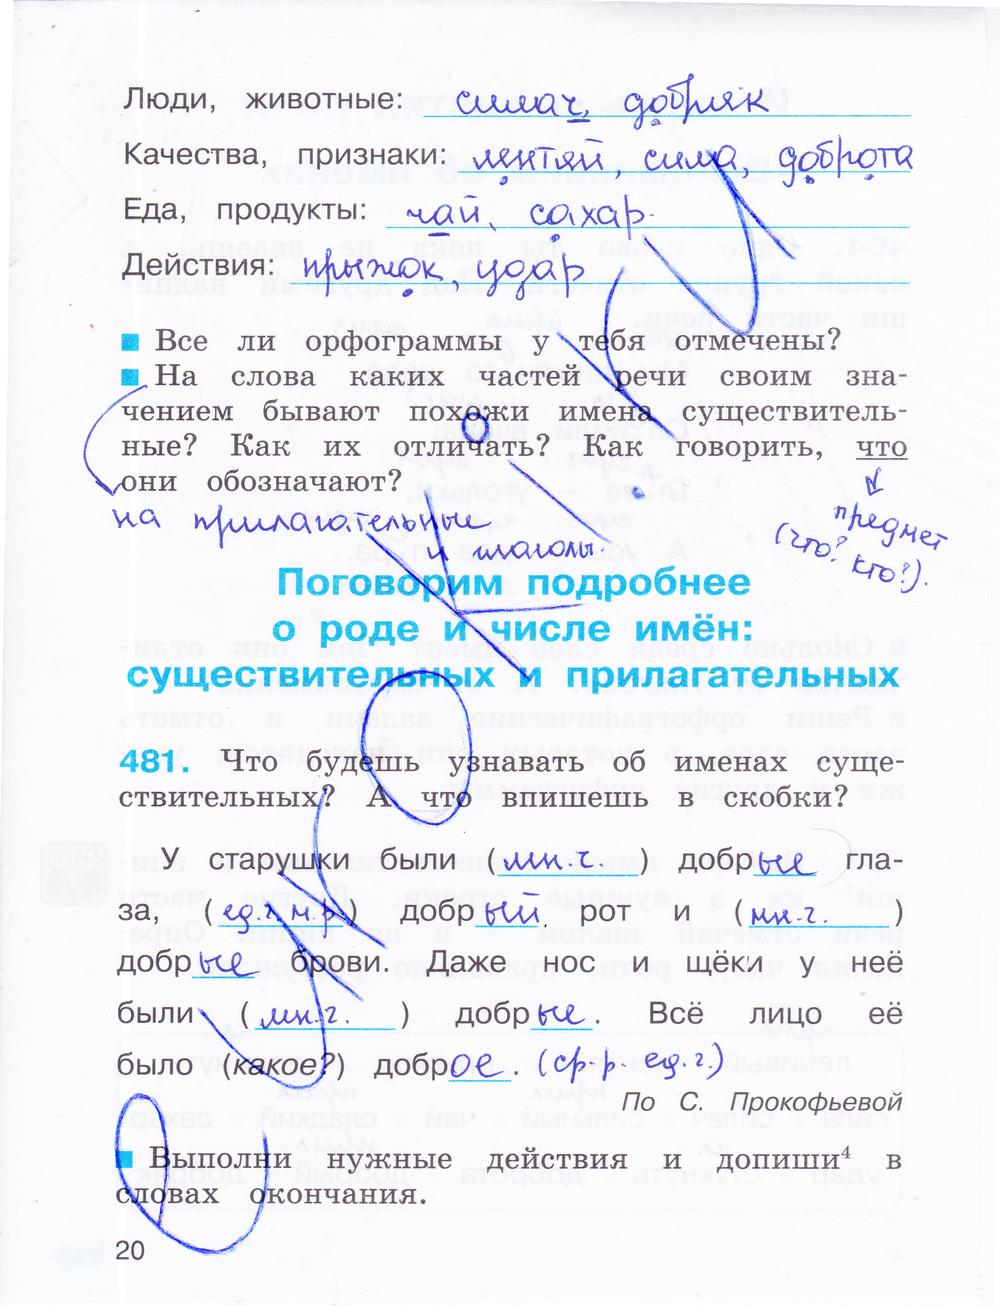 гдз 2 класс русский язык соловейчик кузьменко 2 часть упражнение